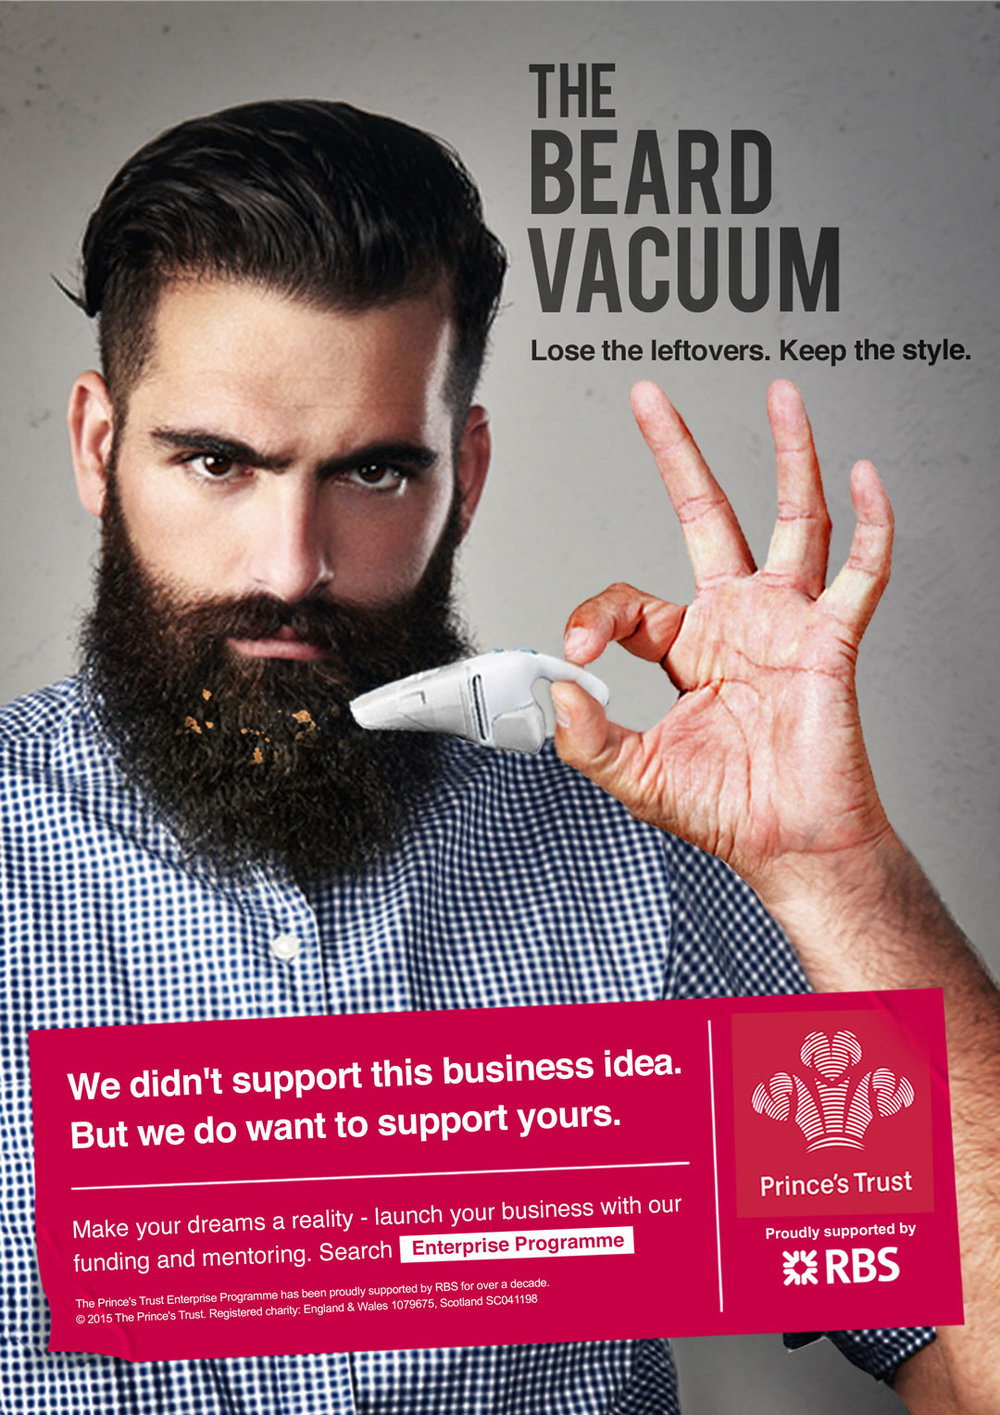 Beard-vacuum-Small.jpg